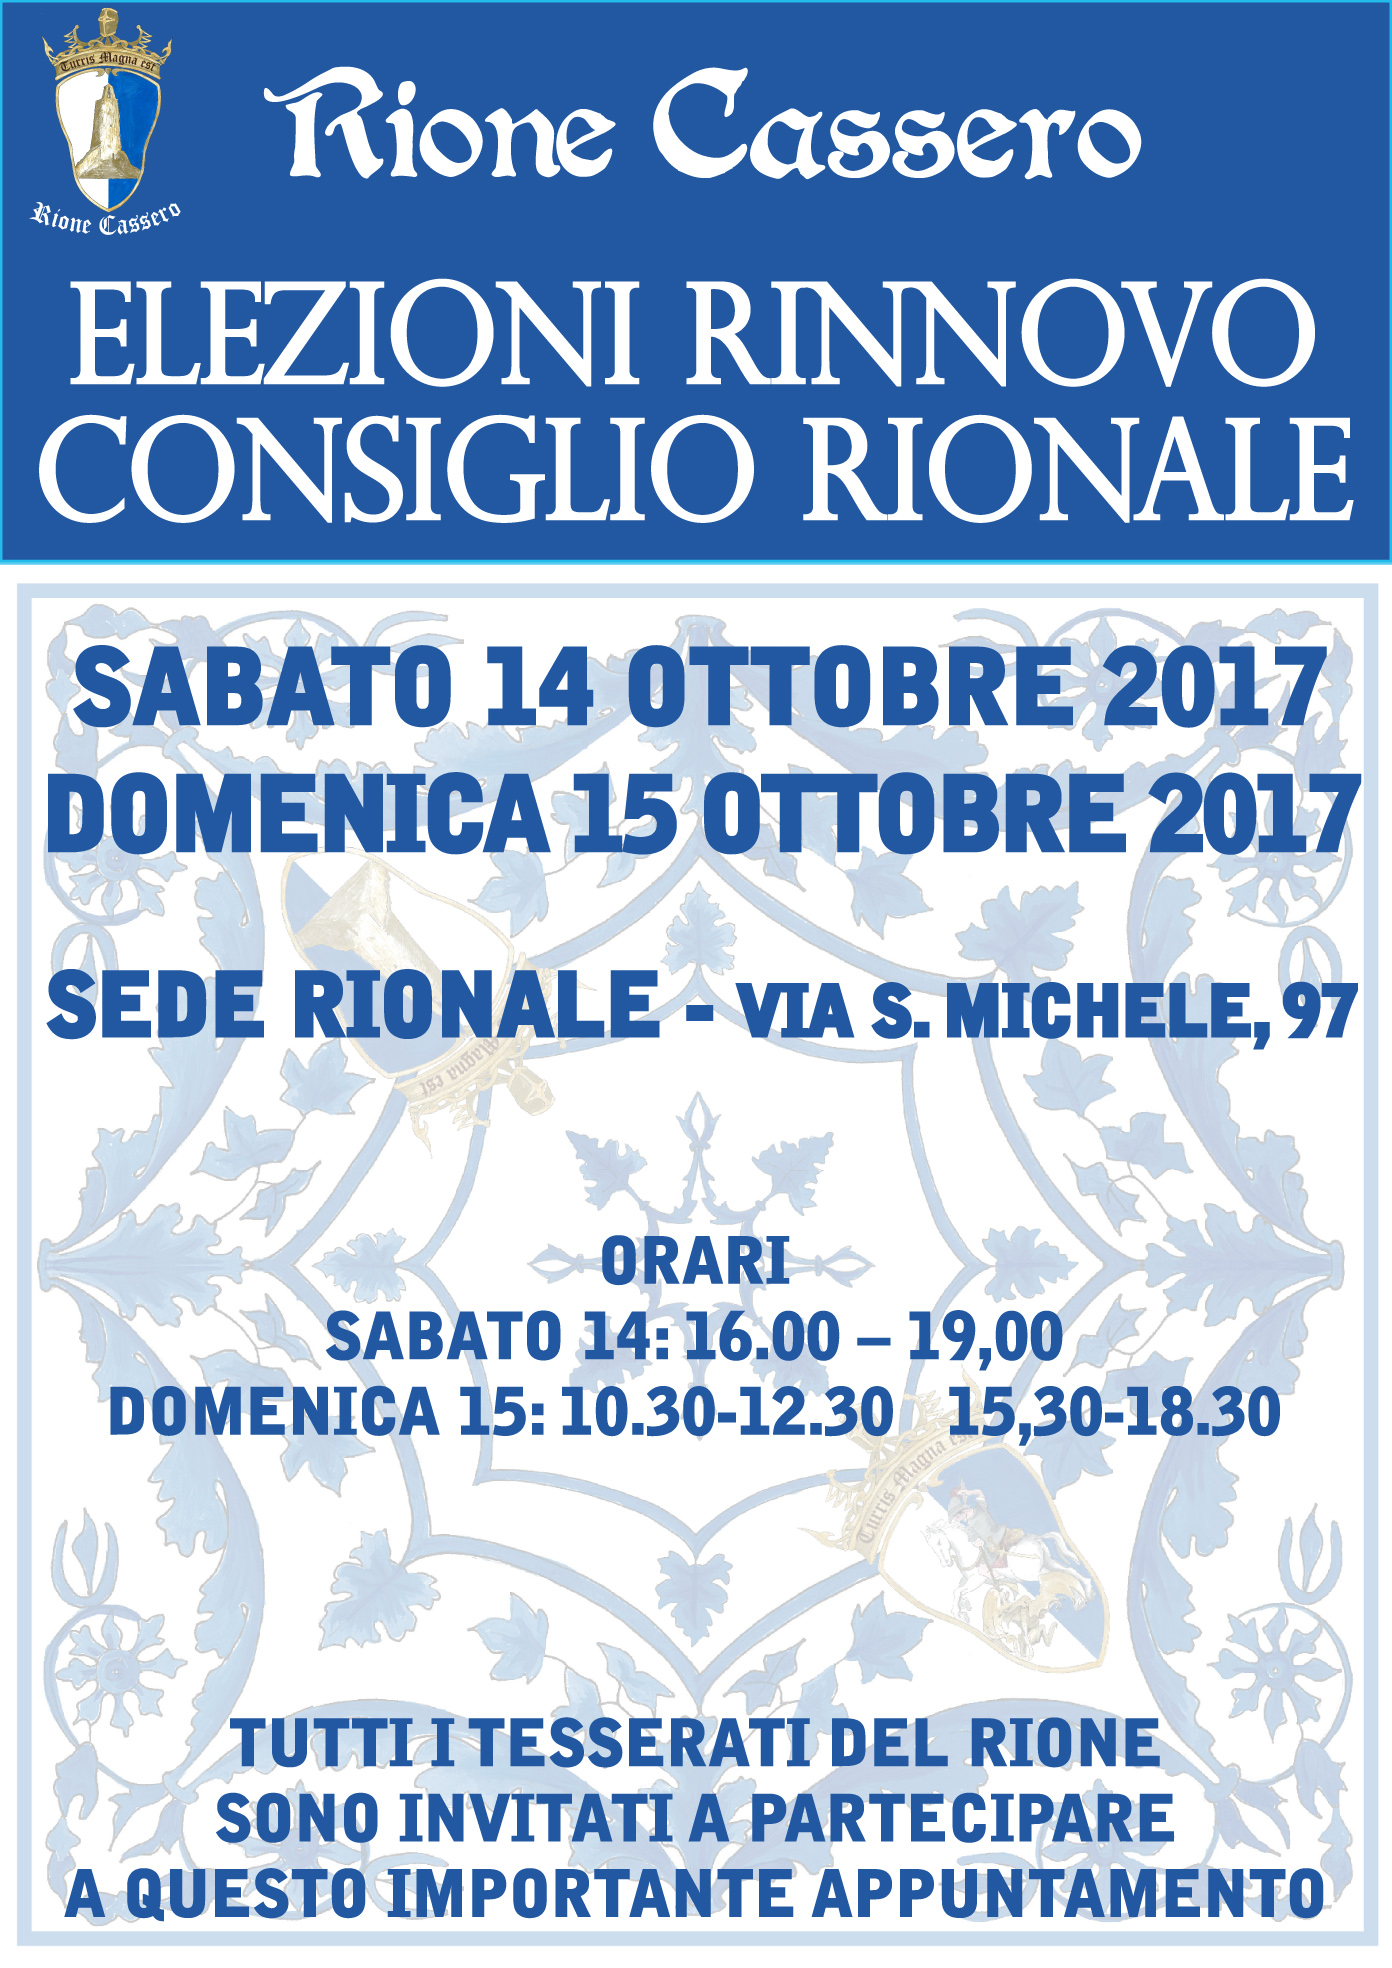 Elezioni per il Consiglio Direttivo del Rione Cassero